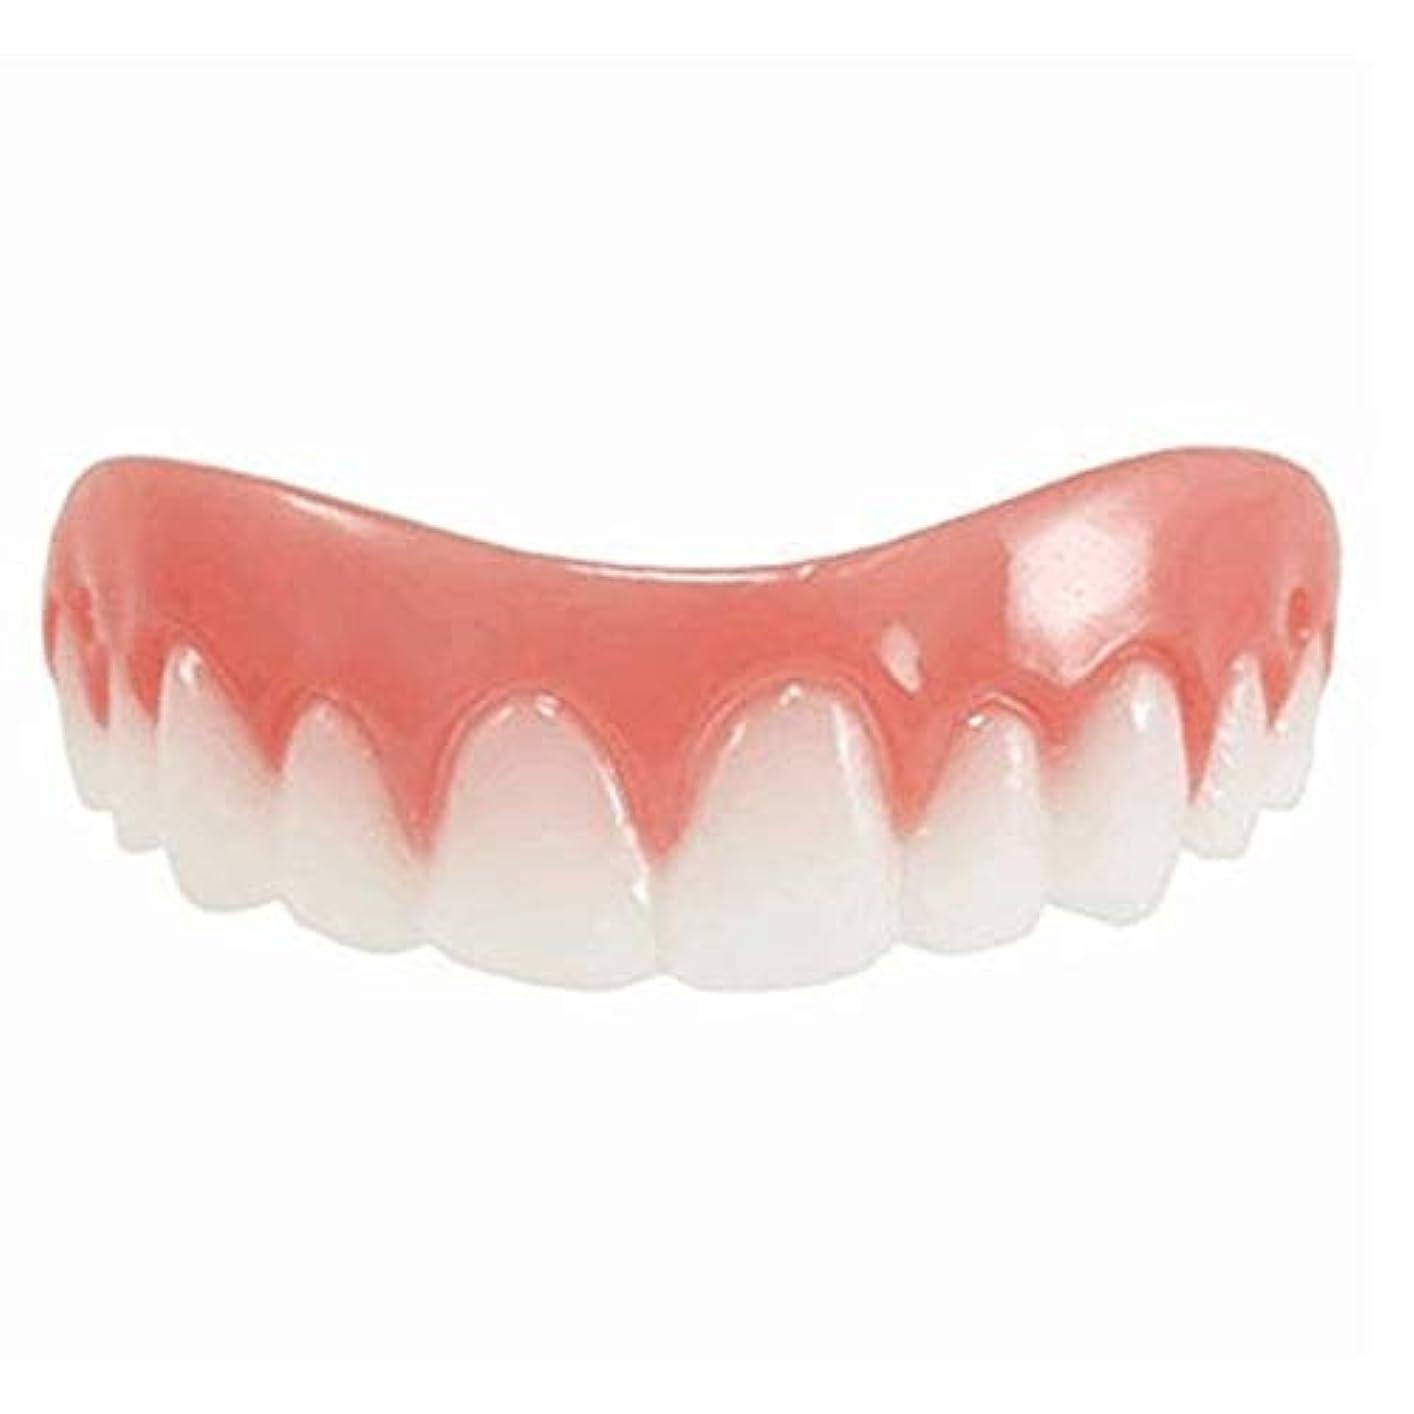 神秘的な転用寮シリコーンシミュレーション義歯、歯科用ベニヤホワイトトゥースセット(2個),A